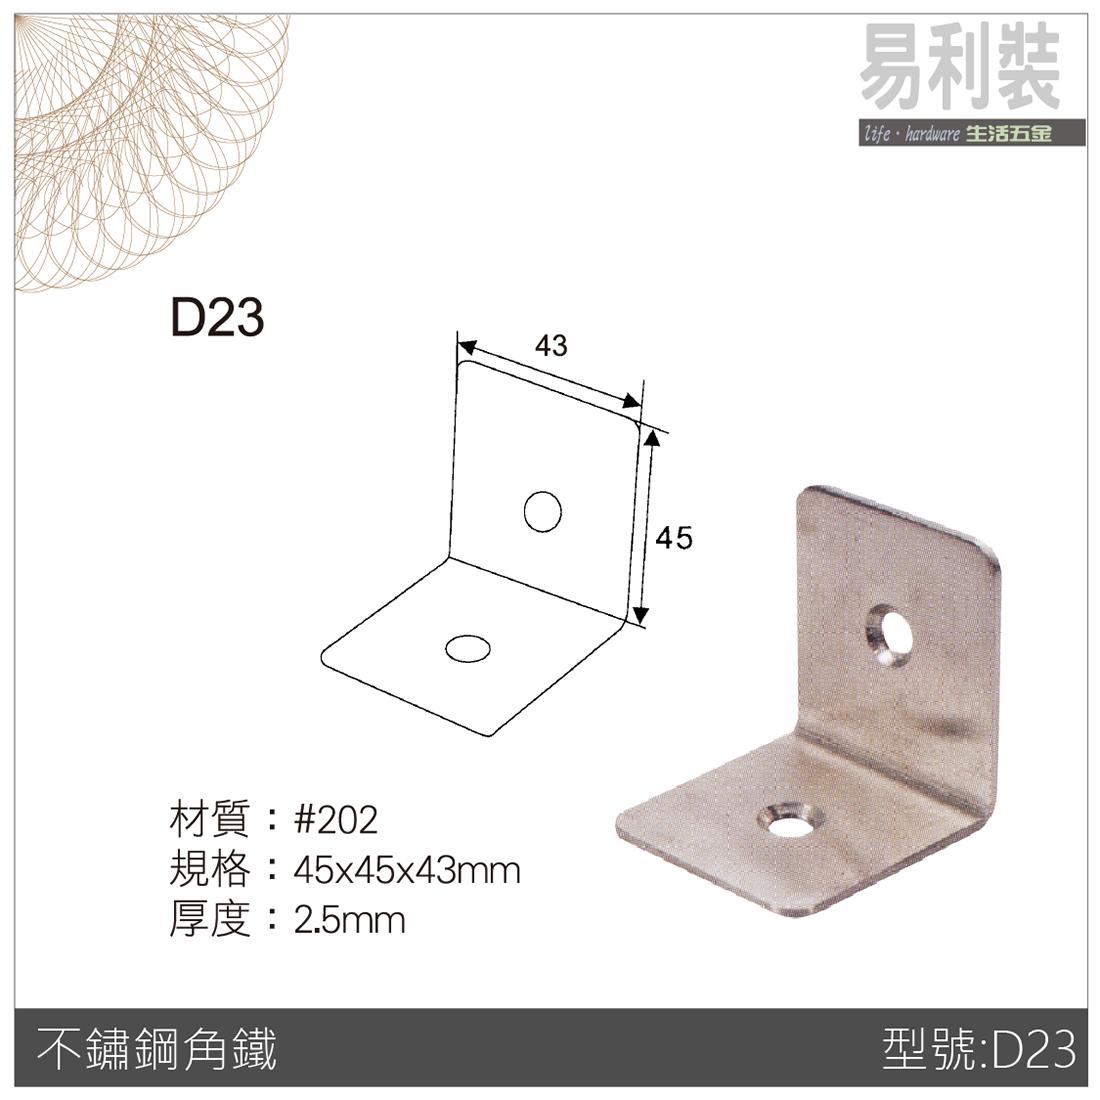 【 EASYCAN  】D23 不鏽鋼 角碼 1包10片 易利裝生活五金 角鐵 轉角片 補強 房間 臥房 客廳 餐廳 櫥櫃 衣櫃 小資族 辦公家具 系統家具 0